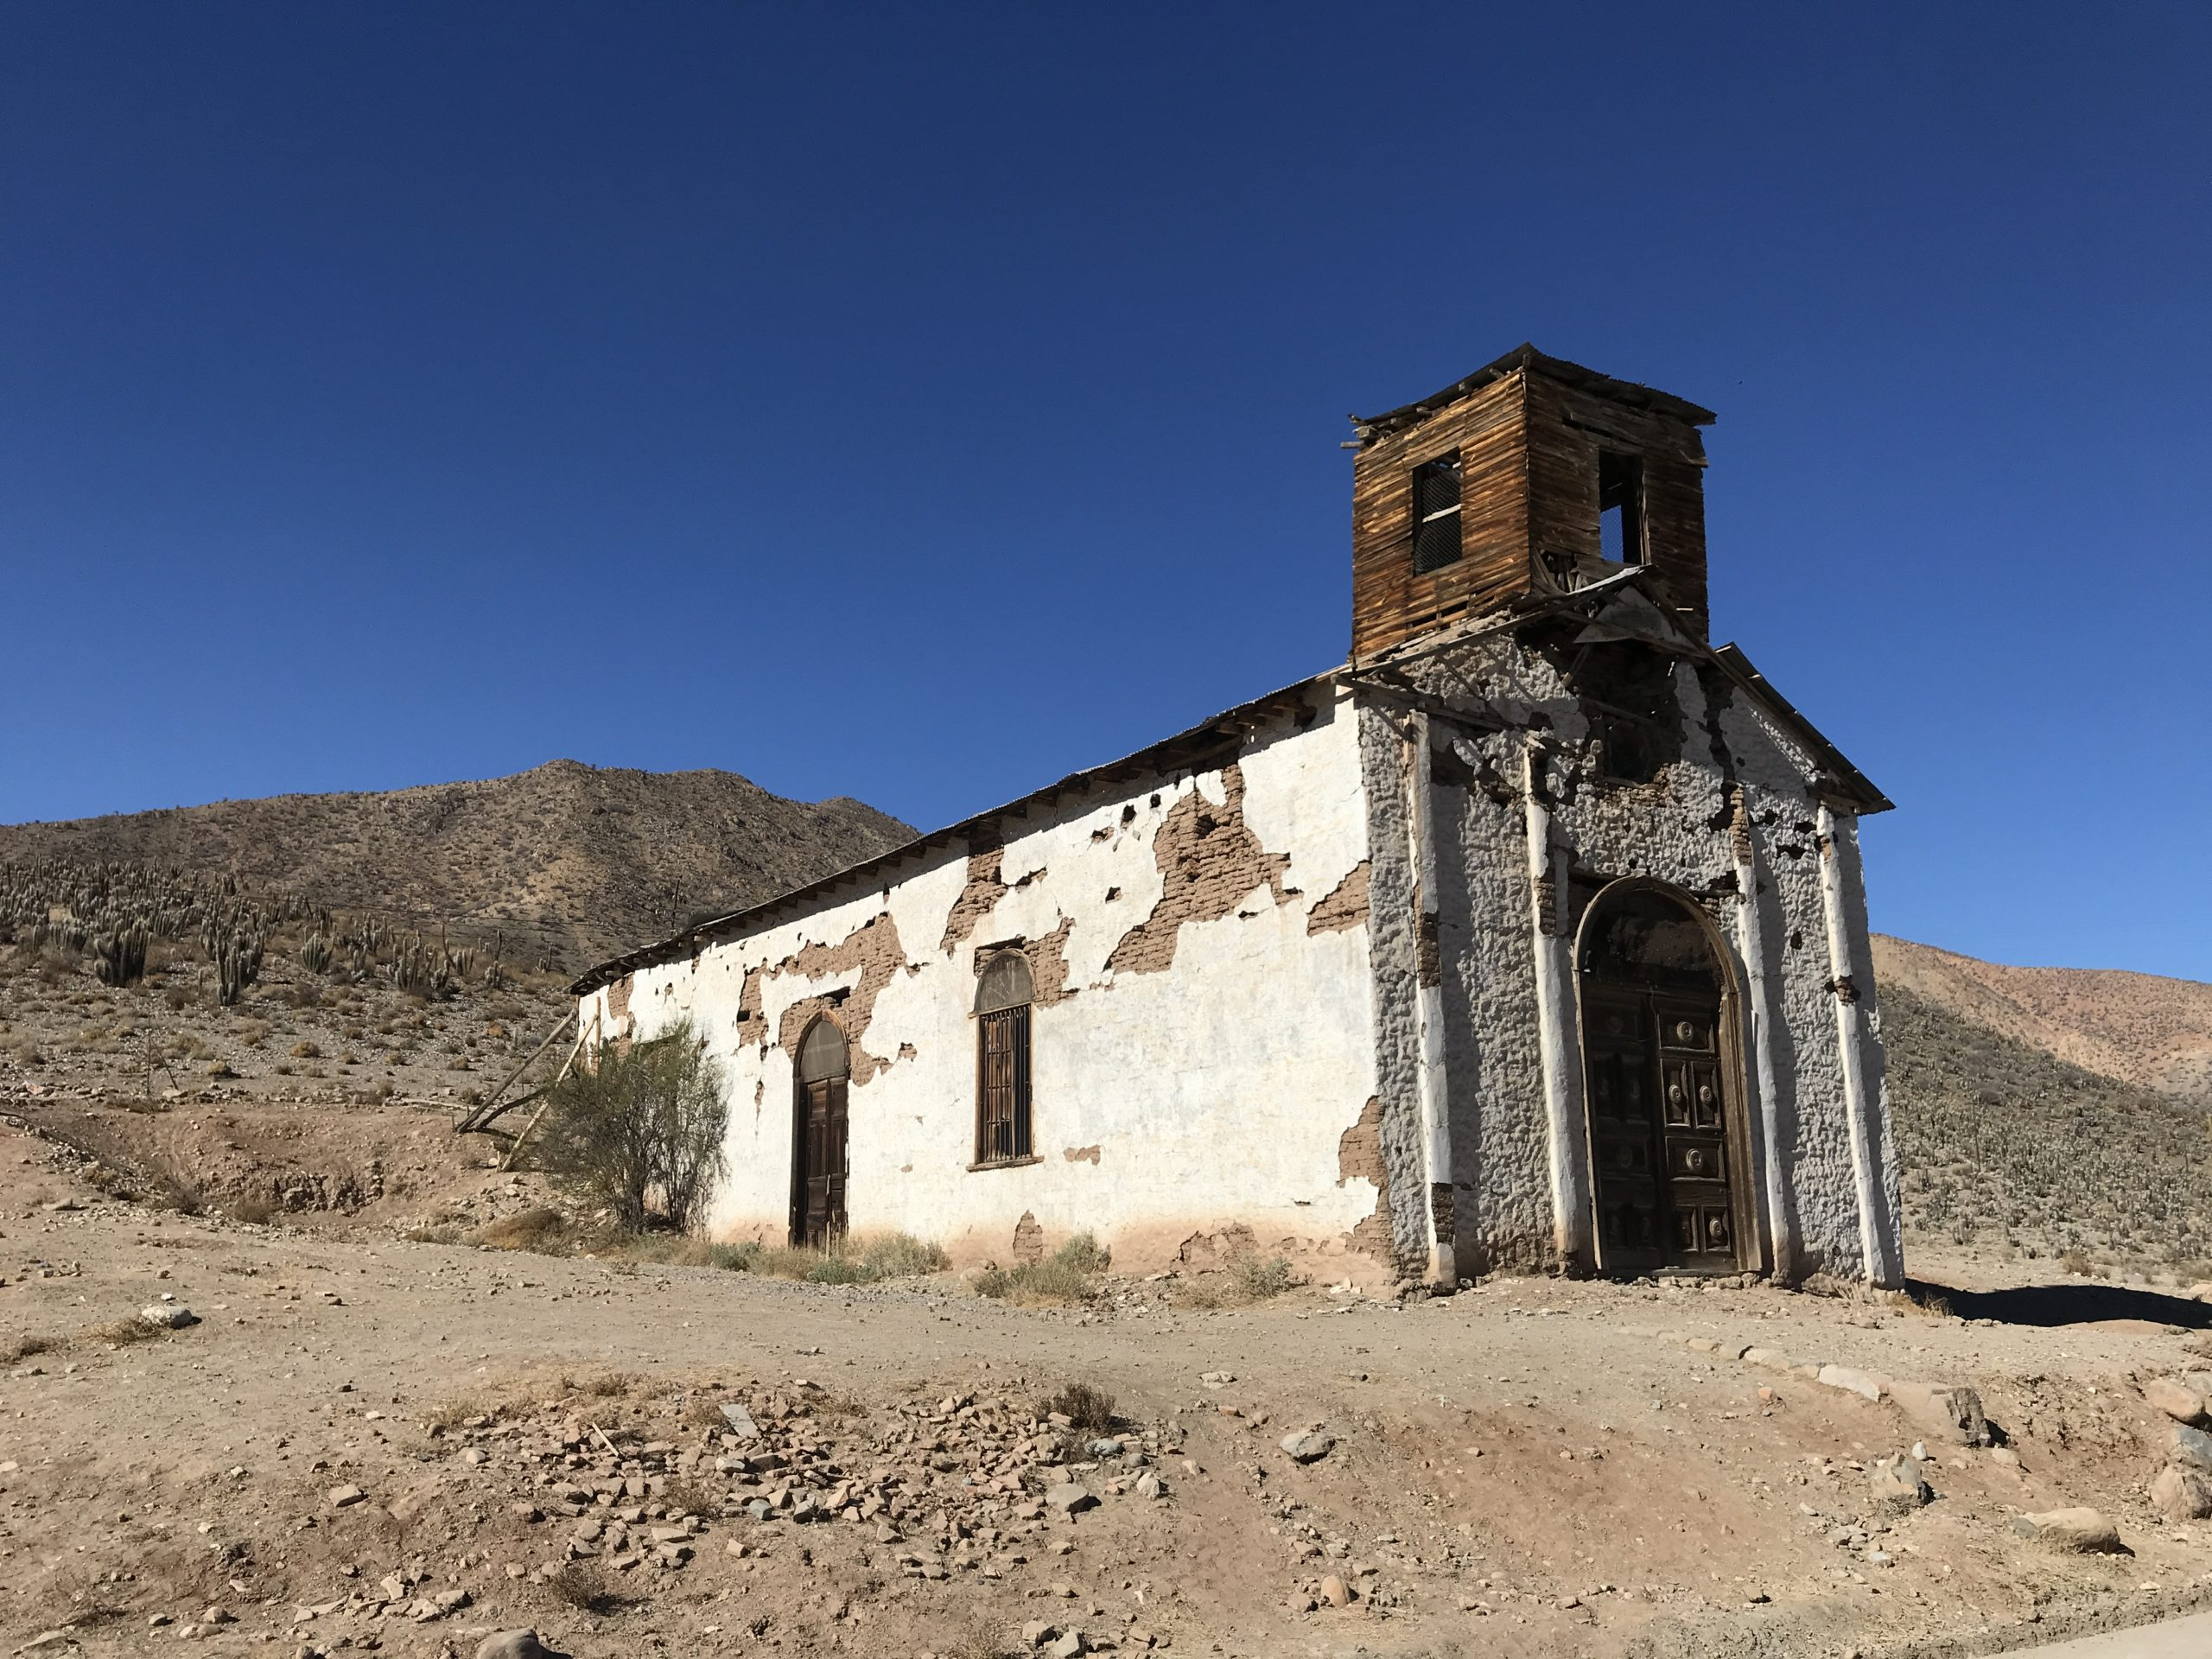 廃墟となった教会 - チリ旅行中に撮影 (ウルタド渓谷)